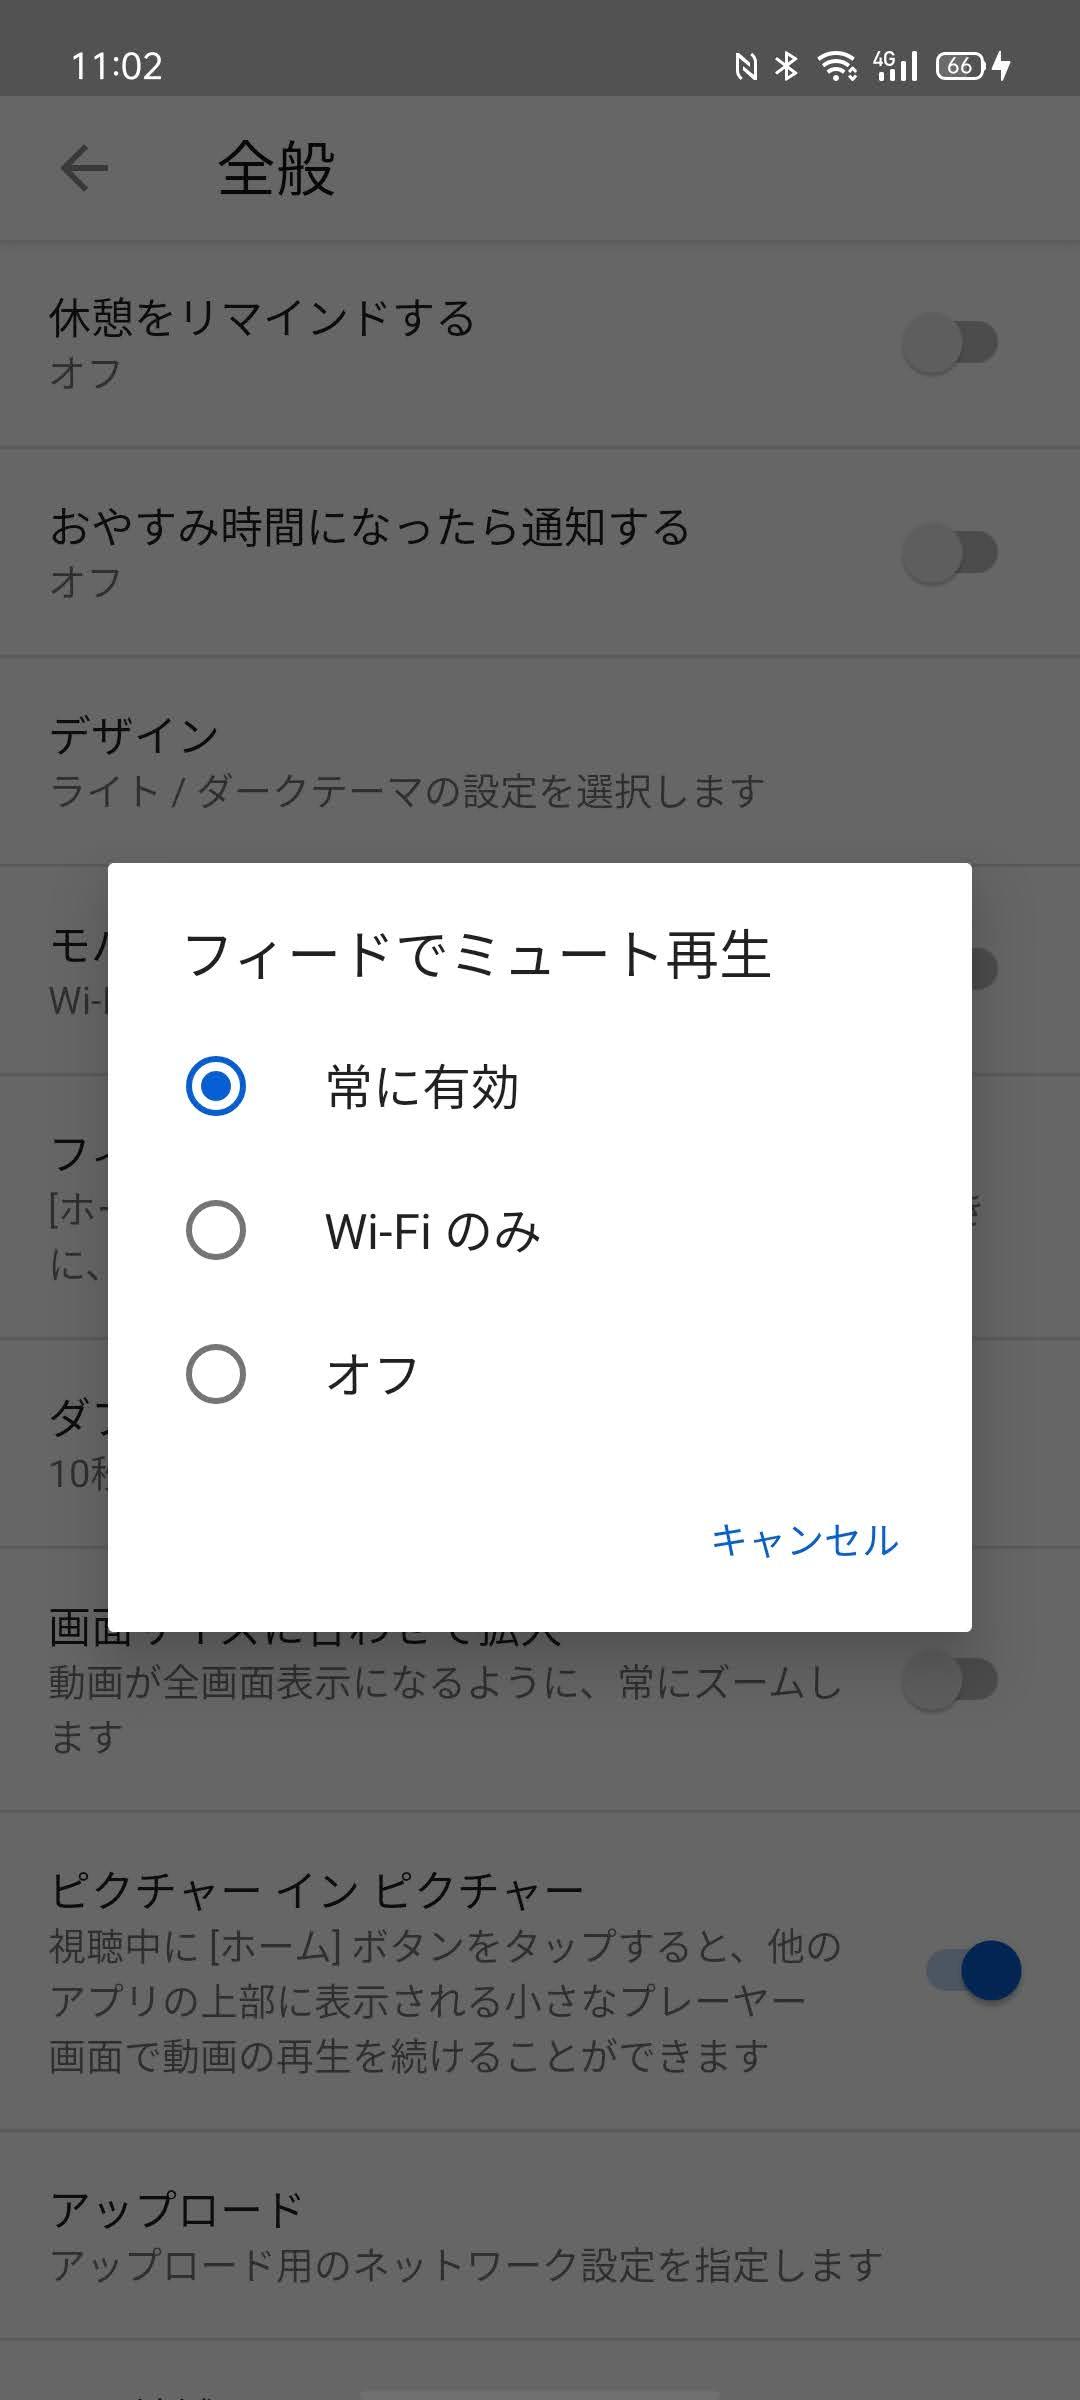 f:id:Azusa_Hirano:20200708120556j:plain